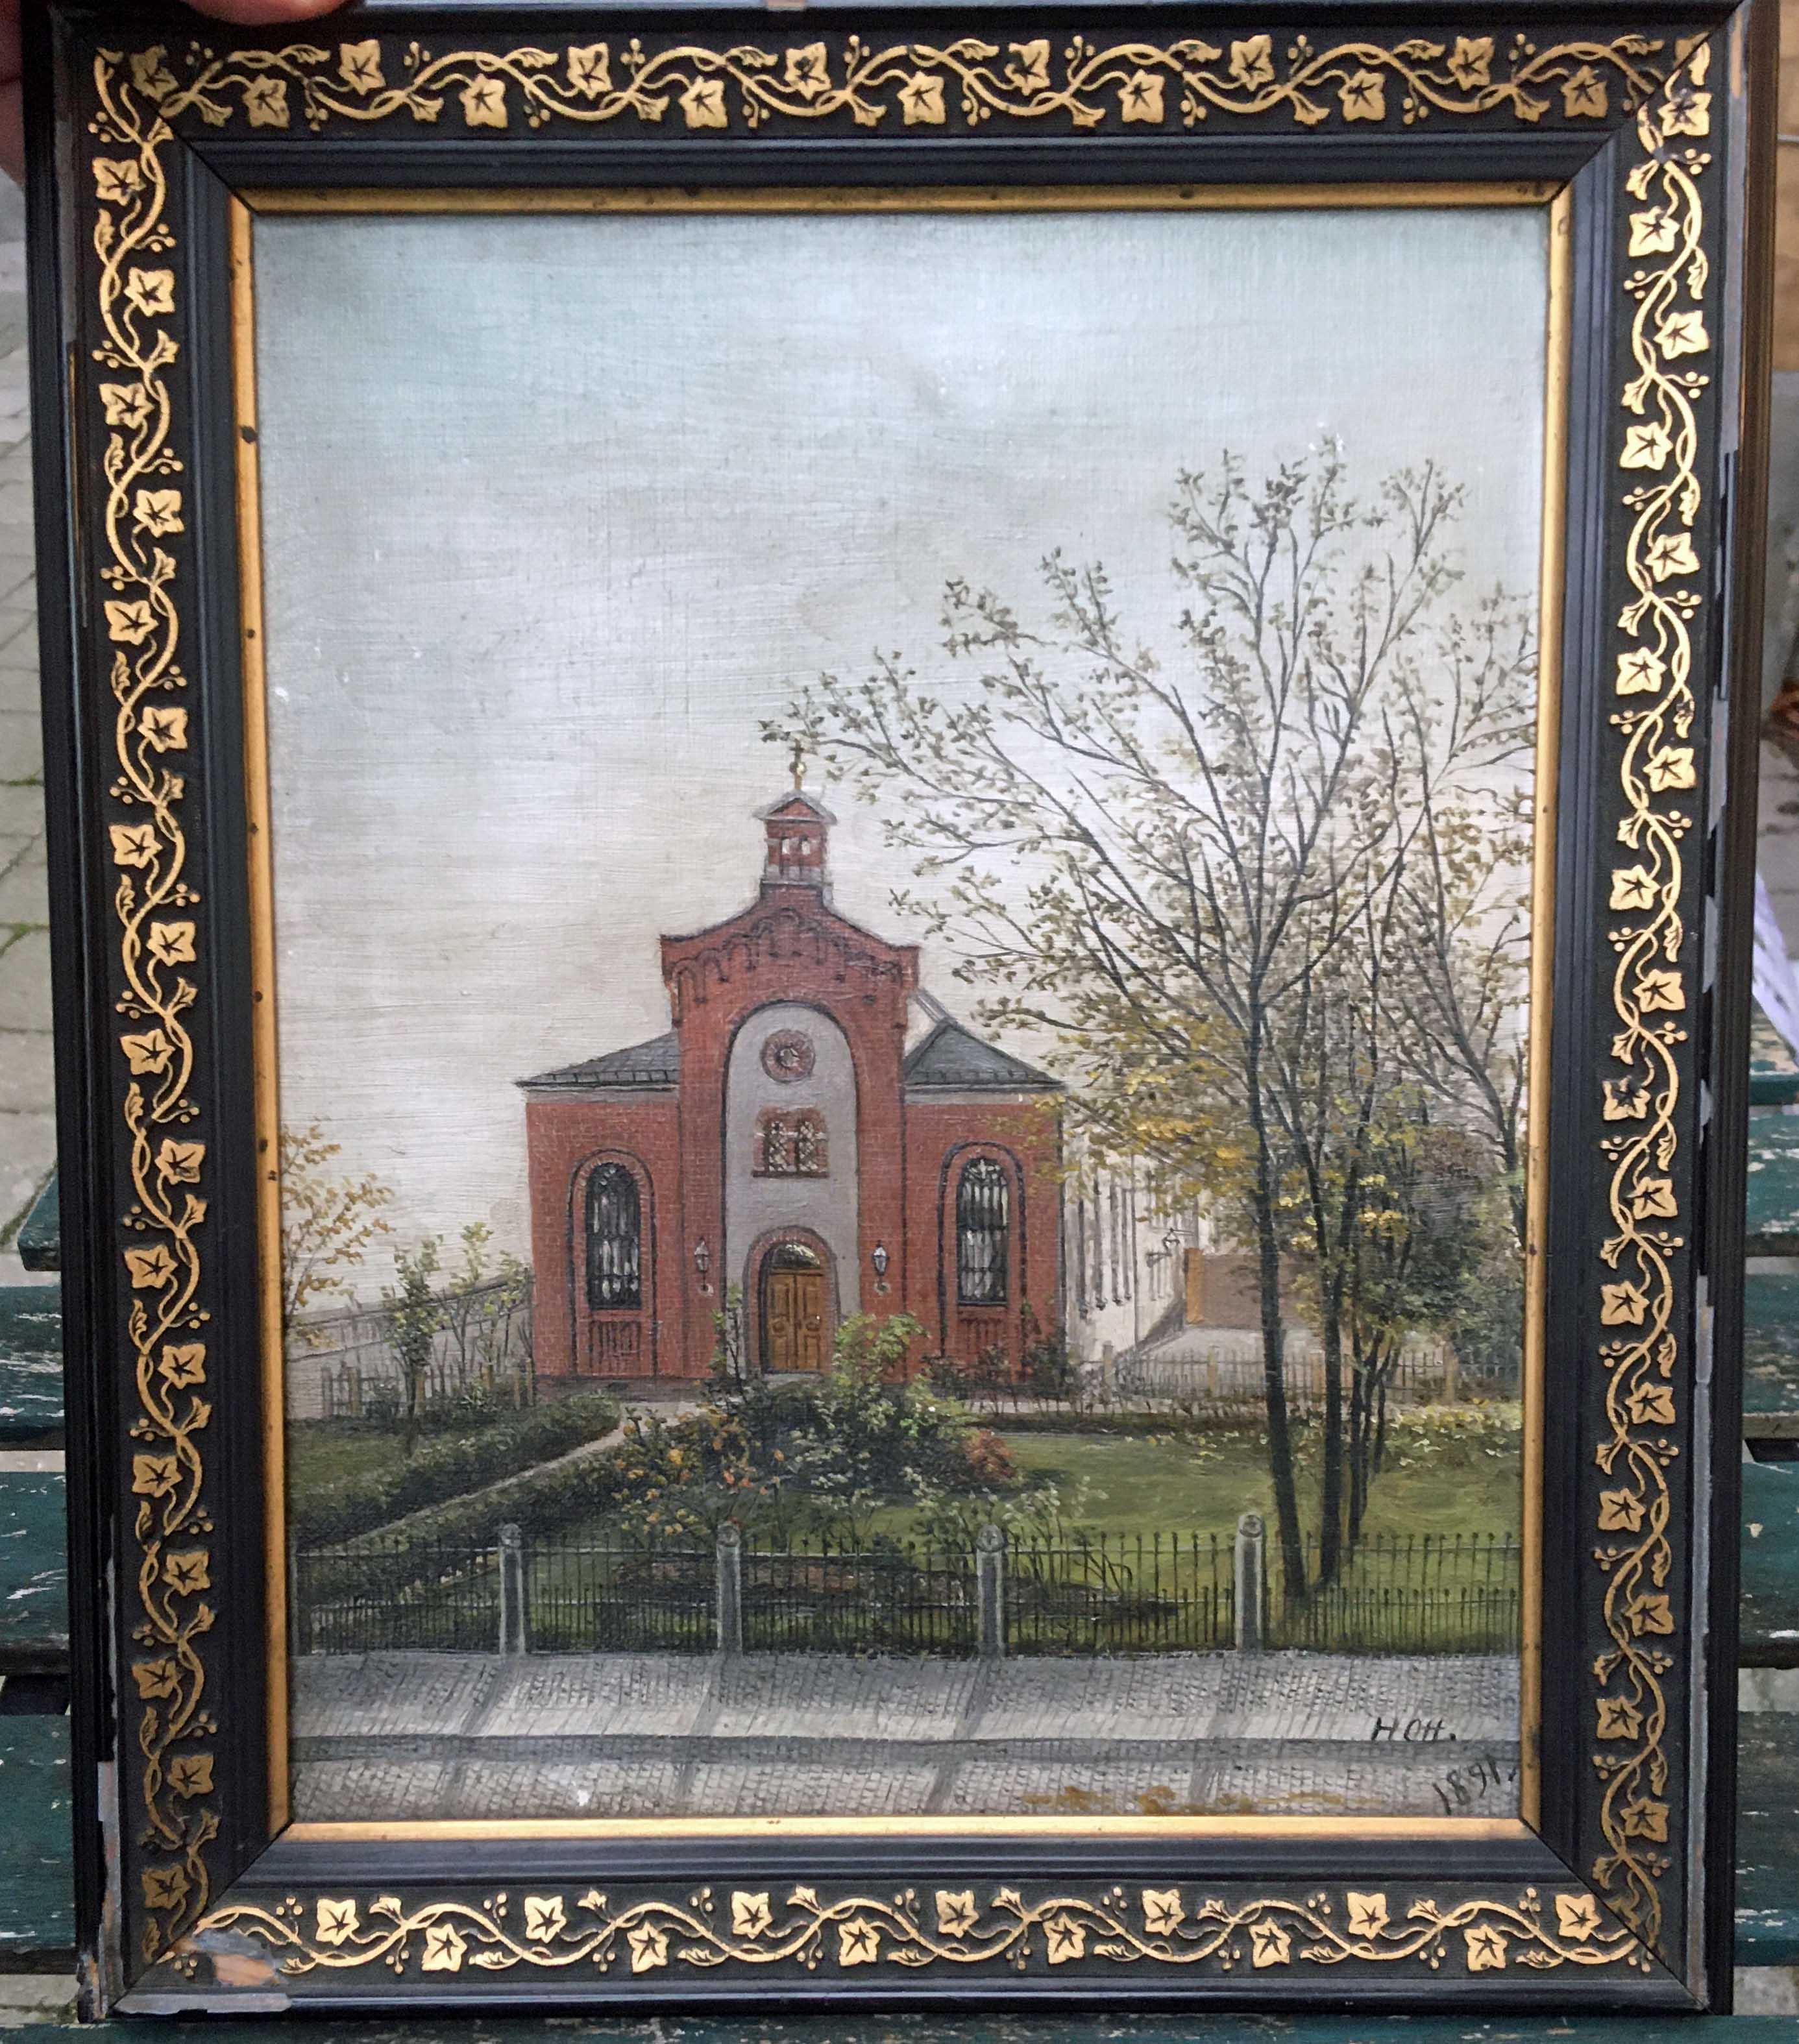 Kristus Kapellet Baggesensgade